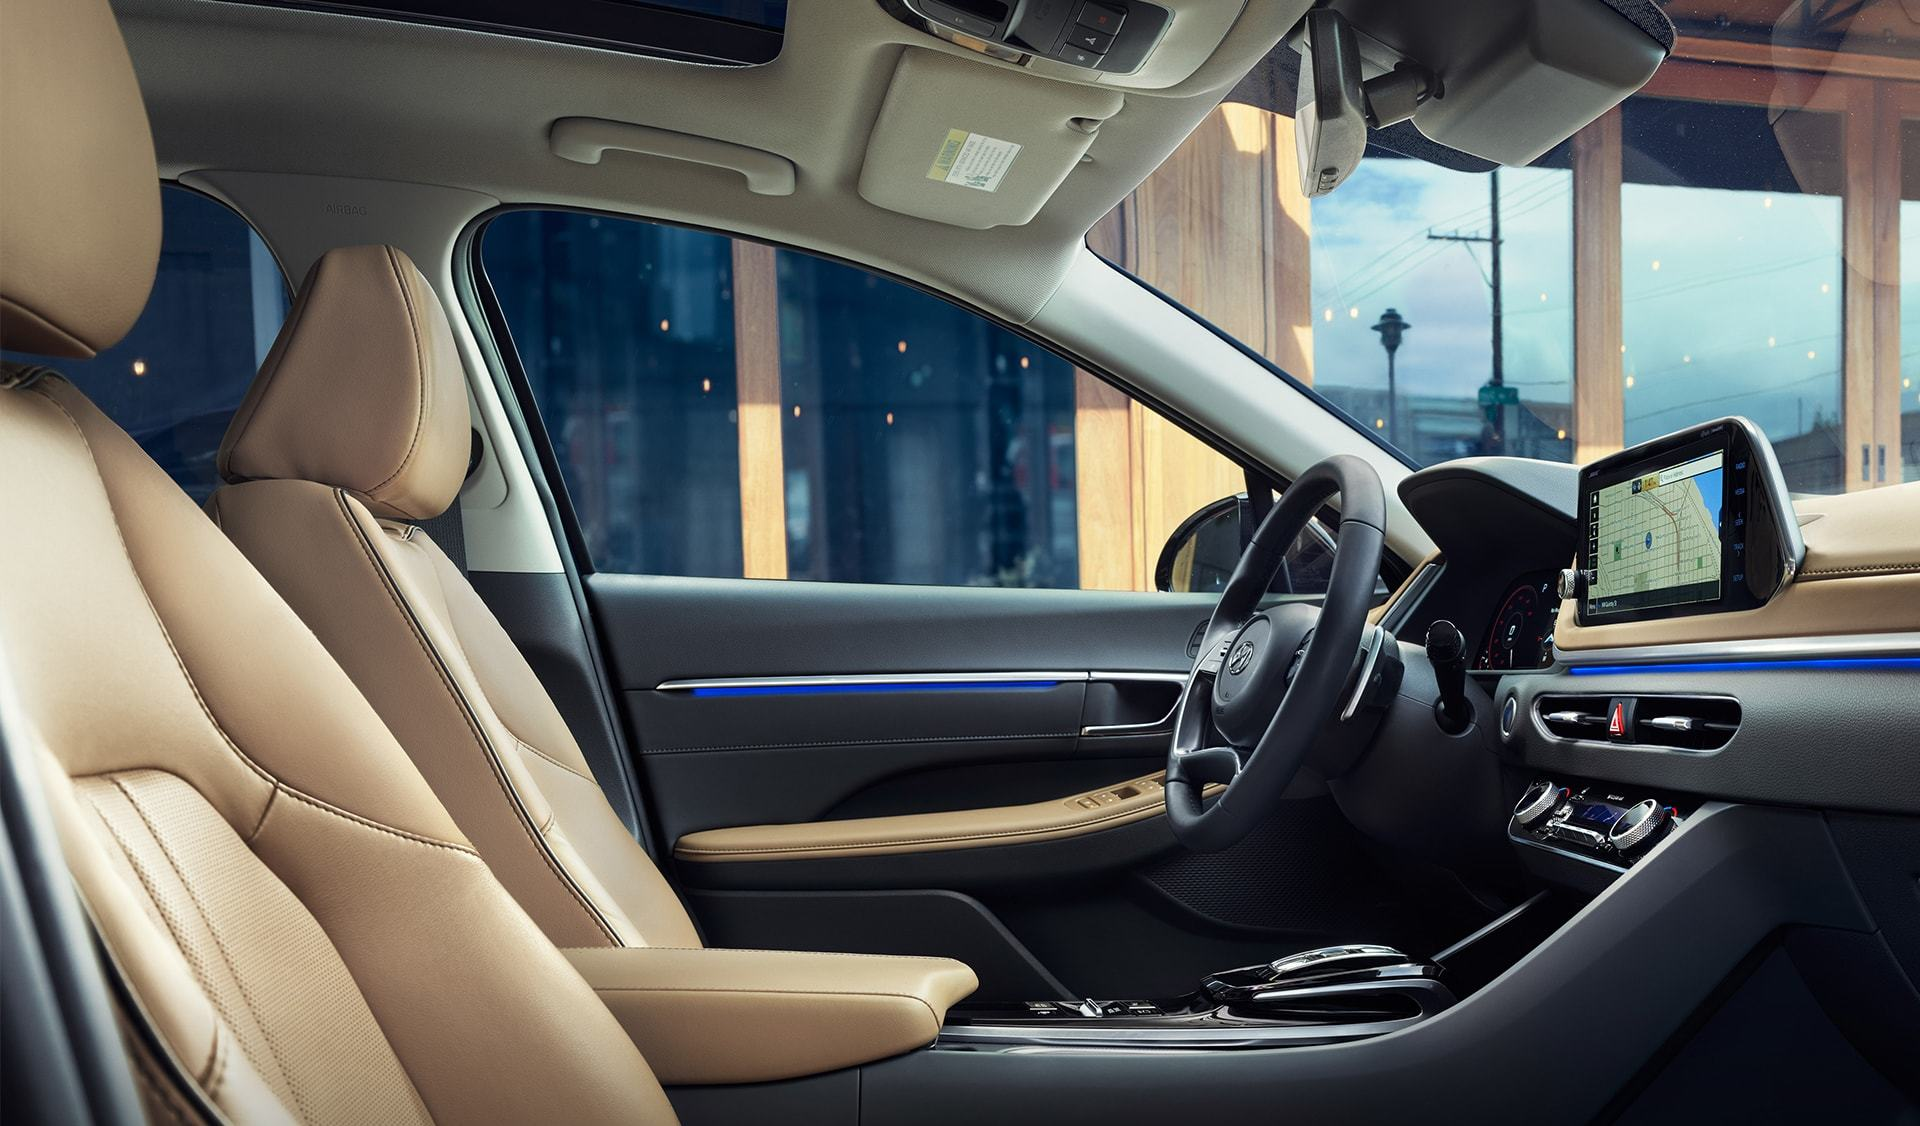 2020 Hyundai Sonata Cockpit